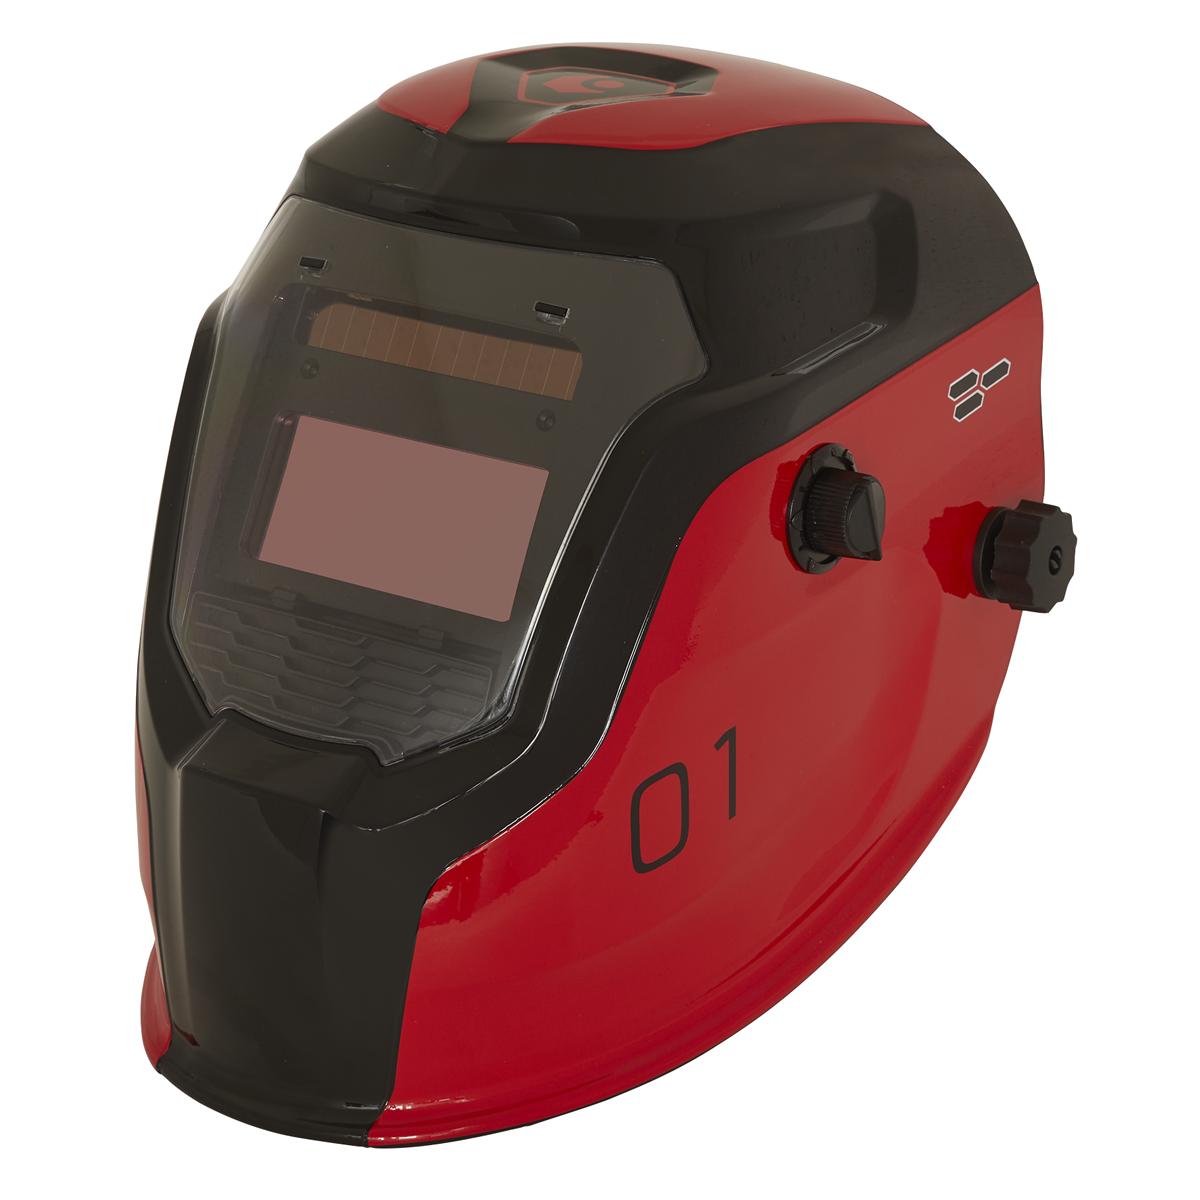 Auto Darkening Welding Helmet Shade 9-13 - Red